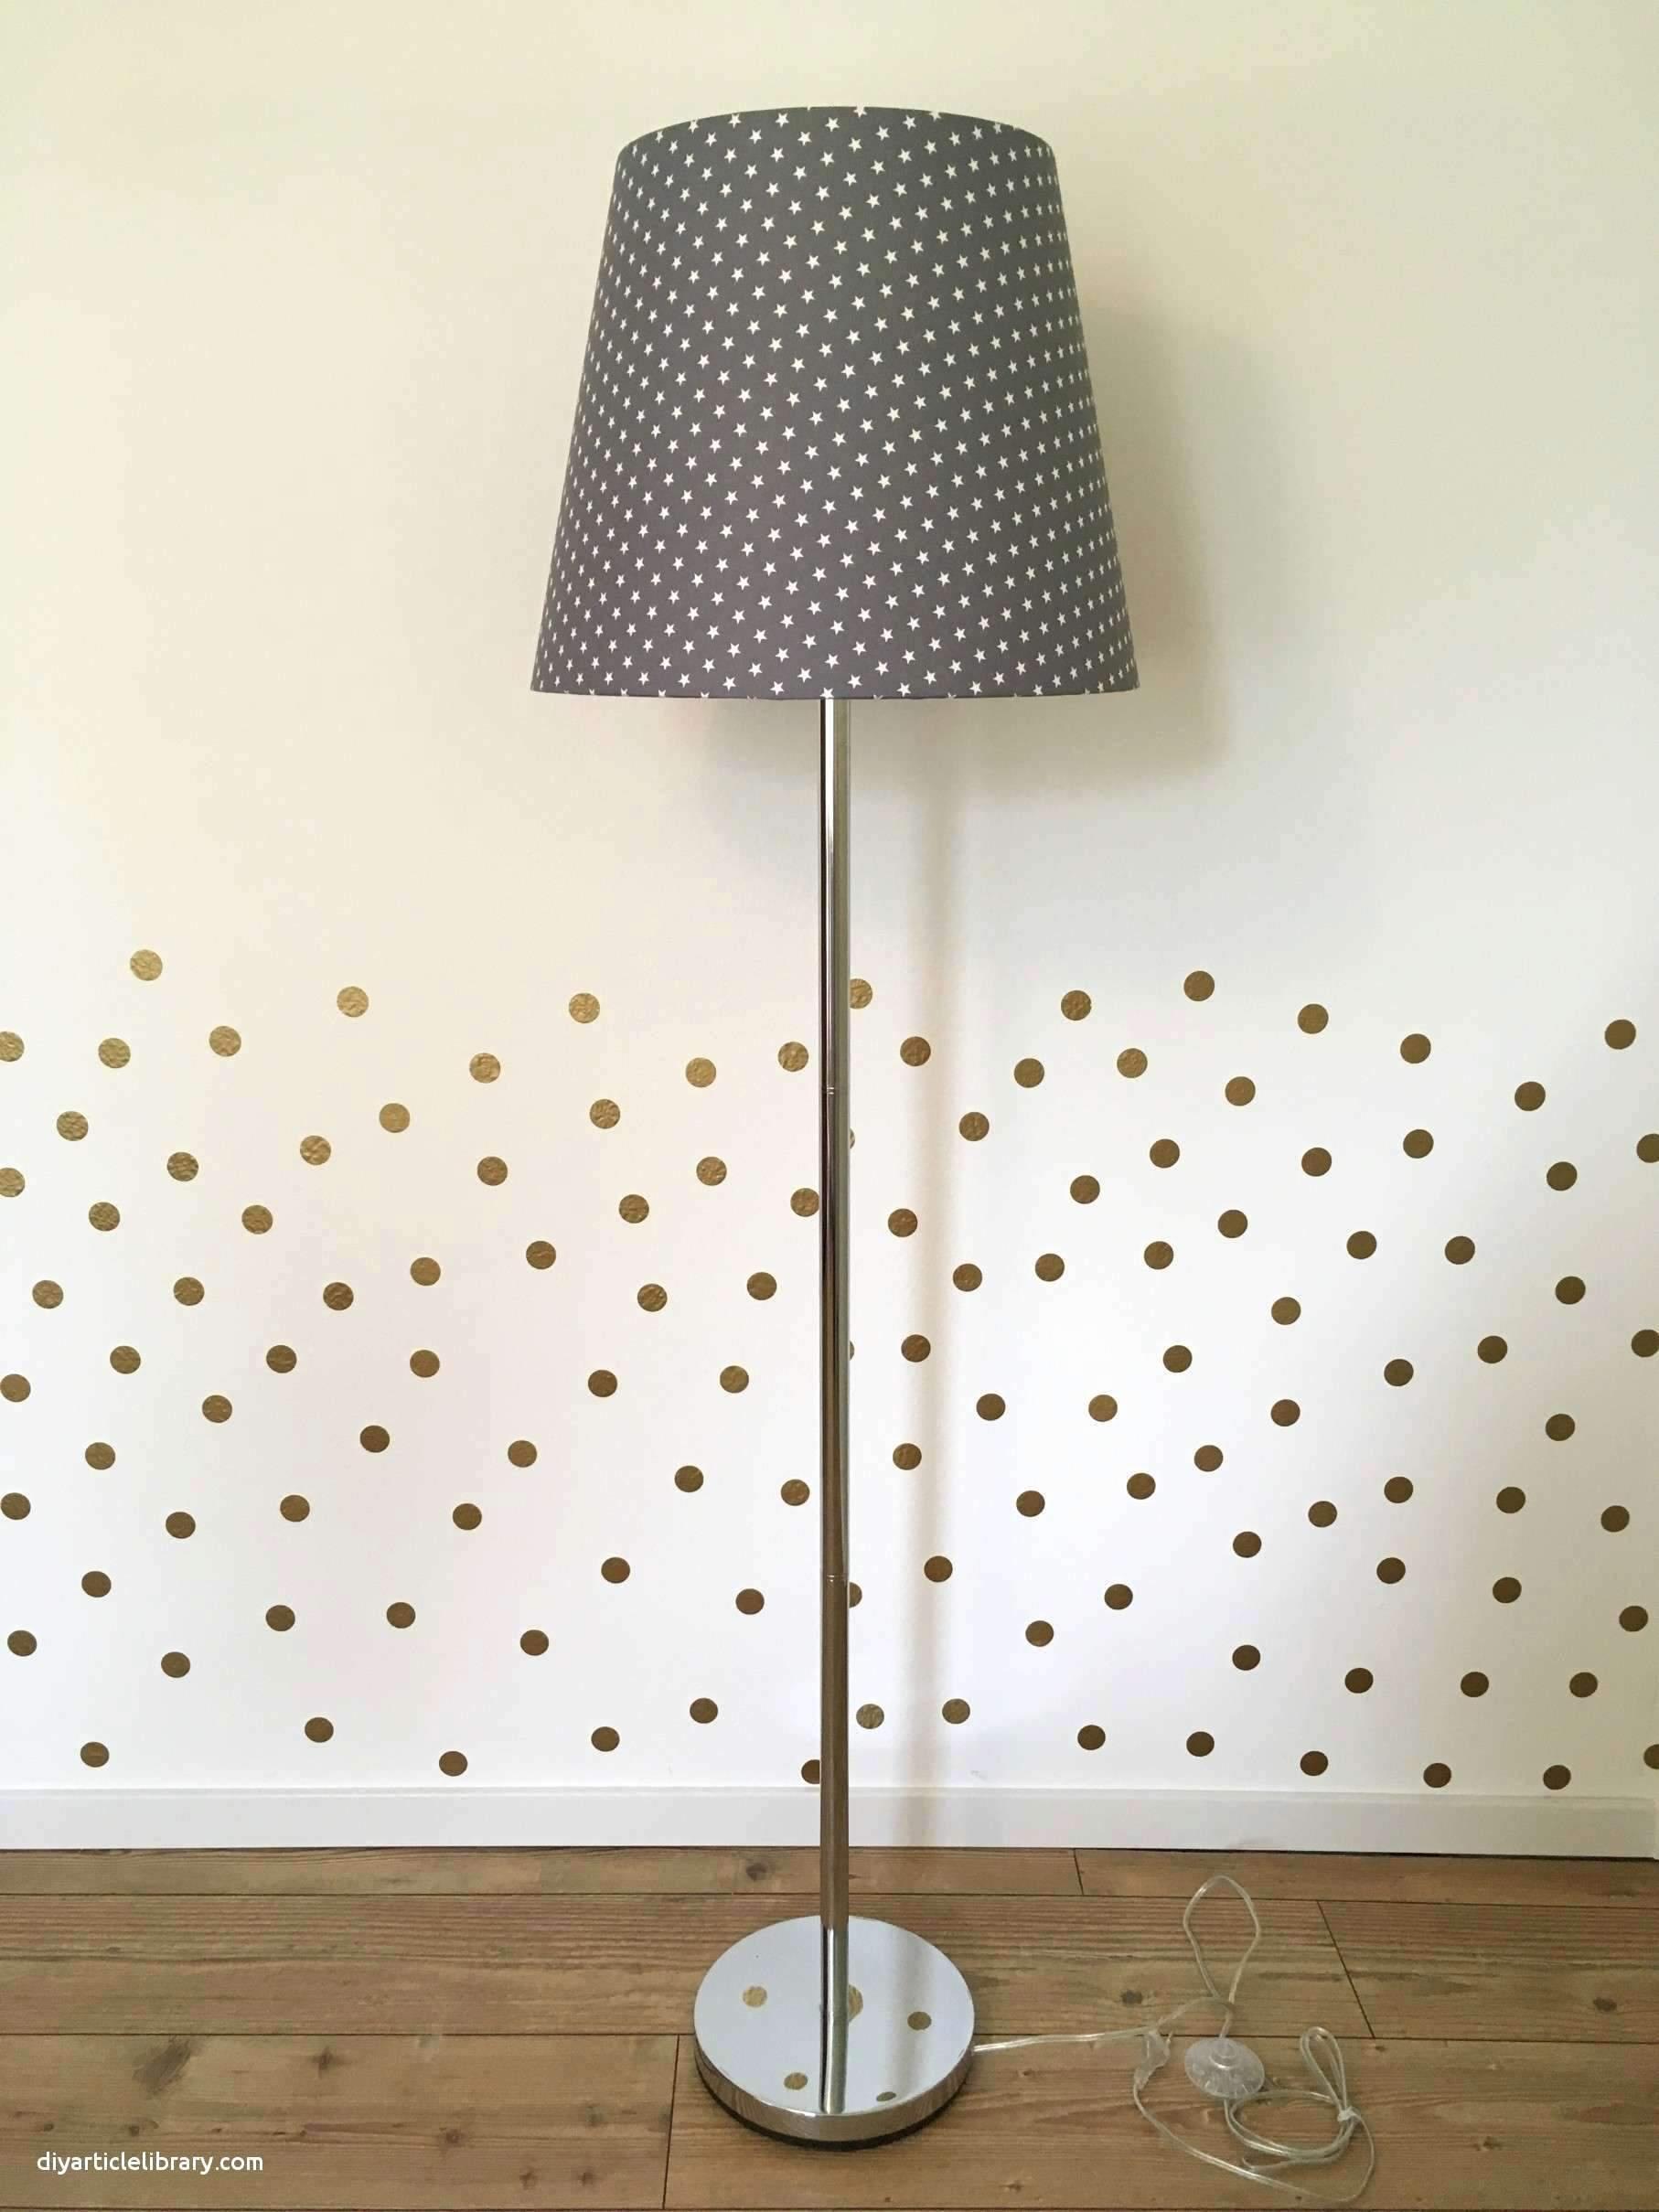 wohnzimmer stehlampe reizend wohnzimmer stehlampen frisch kinderzimmer wand ideen of wohnzimmer stehlampe